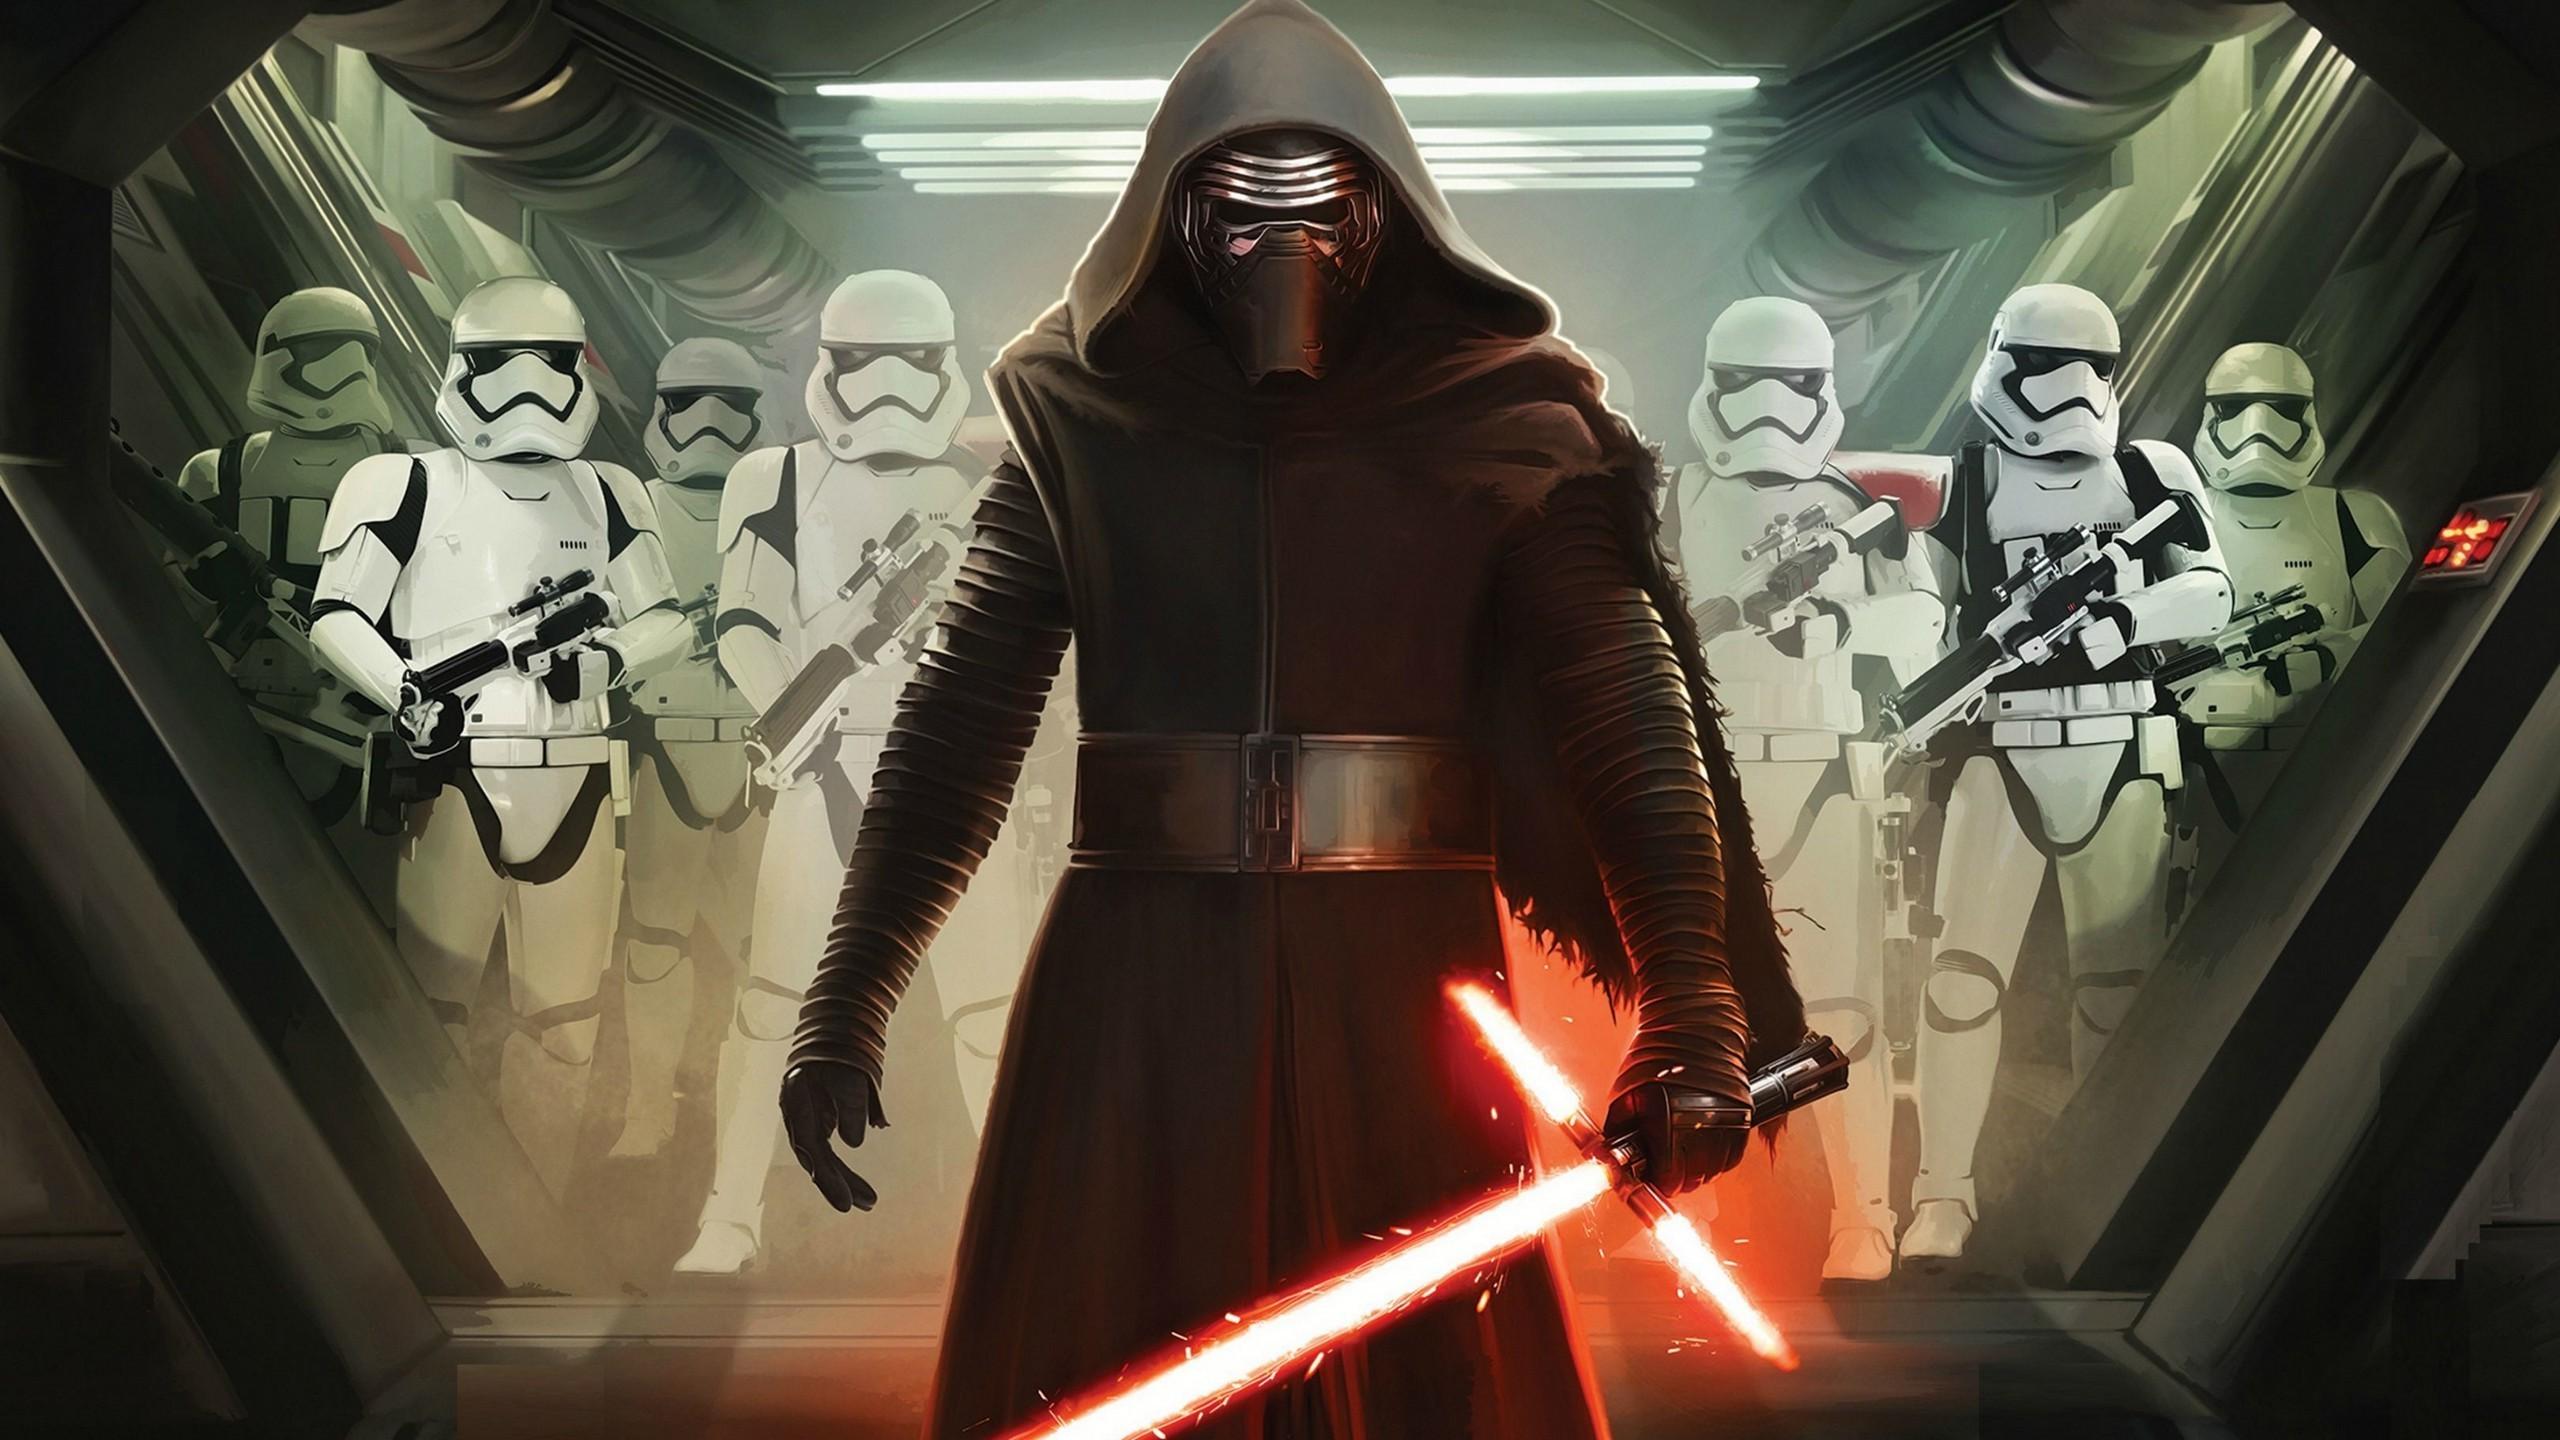 Episode VII The Force Awakens, Kylo Ren, Stormtrooper Wallpapers HD .